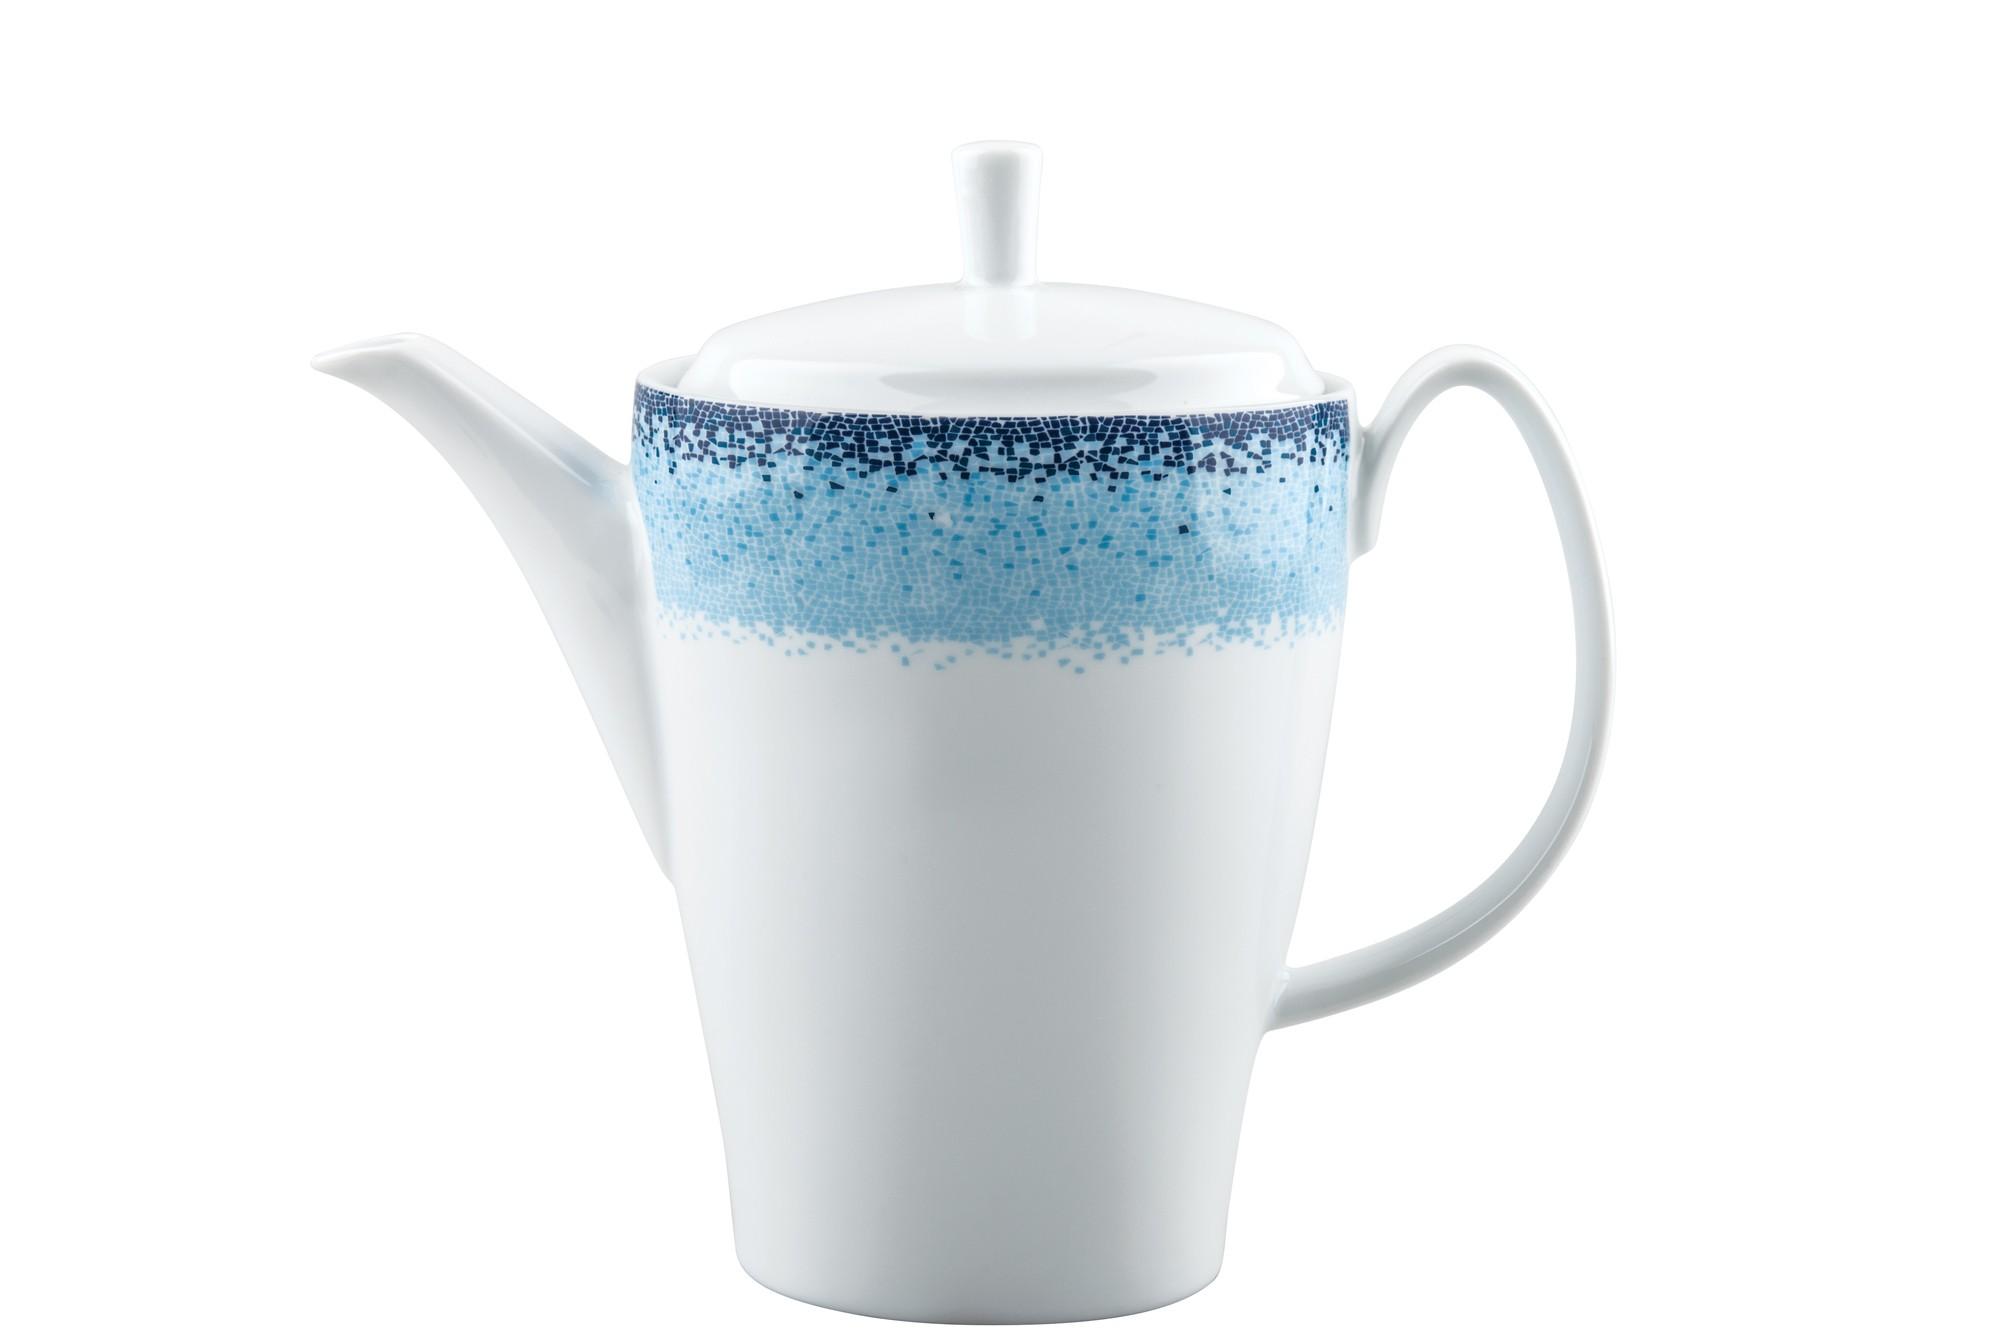 Τσαγιέρα Πορσελάνης Apeiron Blue Ionia 1,35lt home   ειδη cafe τσαϊ   τσαγιέρες